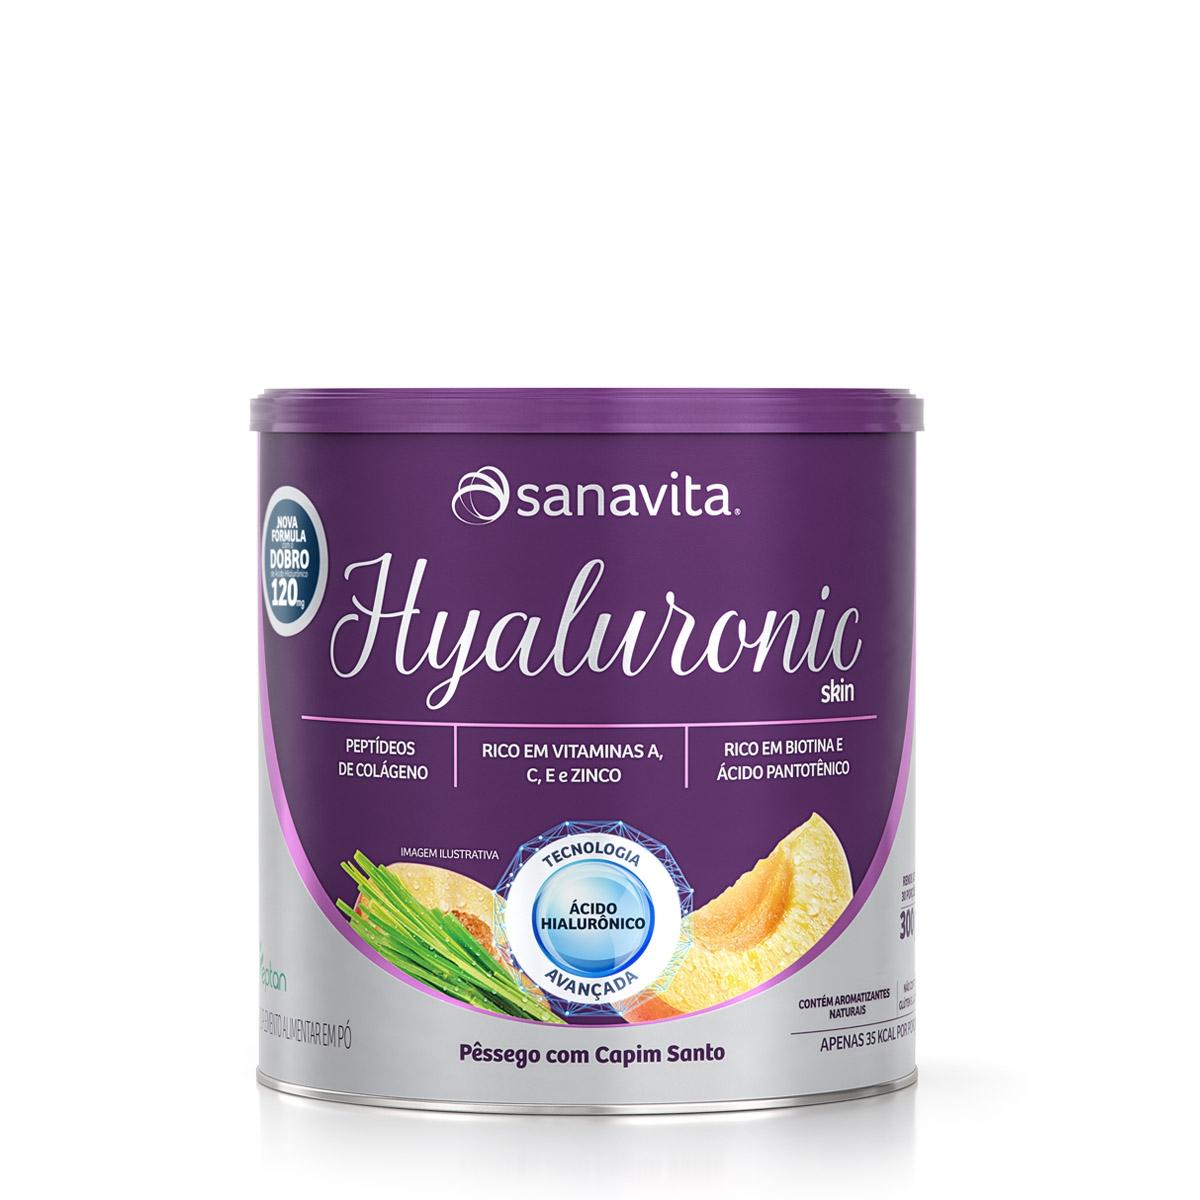 HYALURONIC SKIN PÊSSEGO COM CAPIM SANTO | 300G | SANAVITA